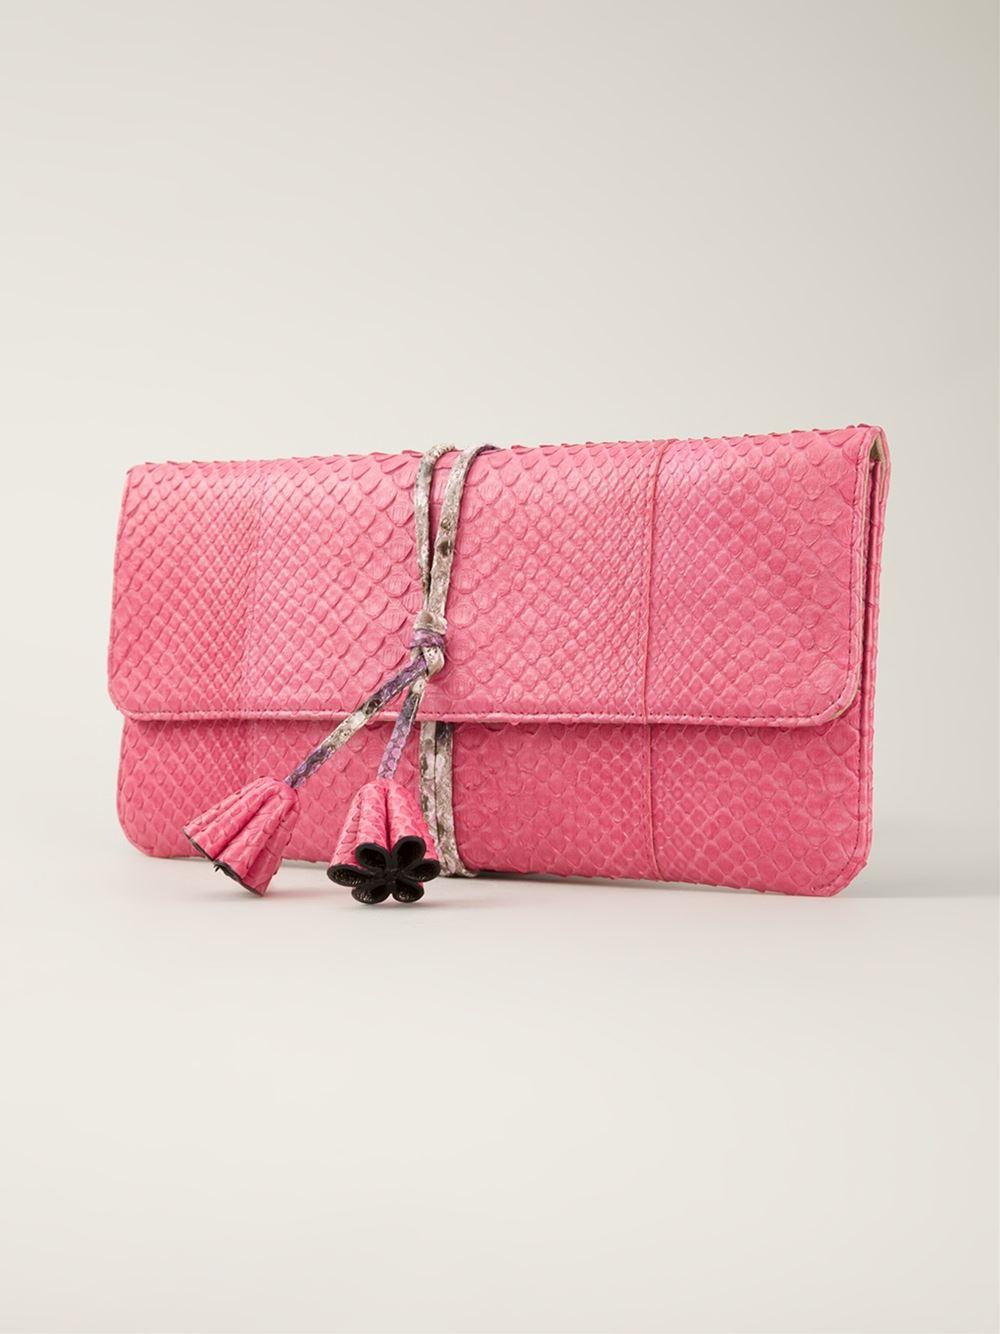 a5fa88db268 Jill Haber  Jimmy  Clutch Bag in Pink - Lyst